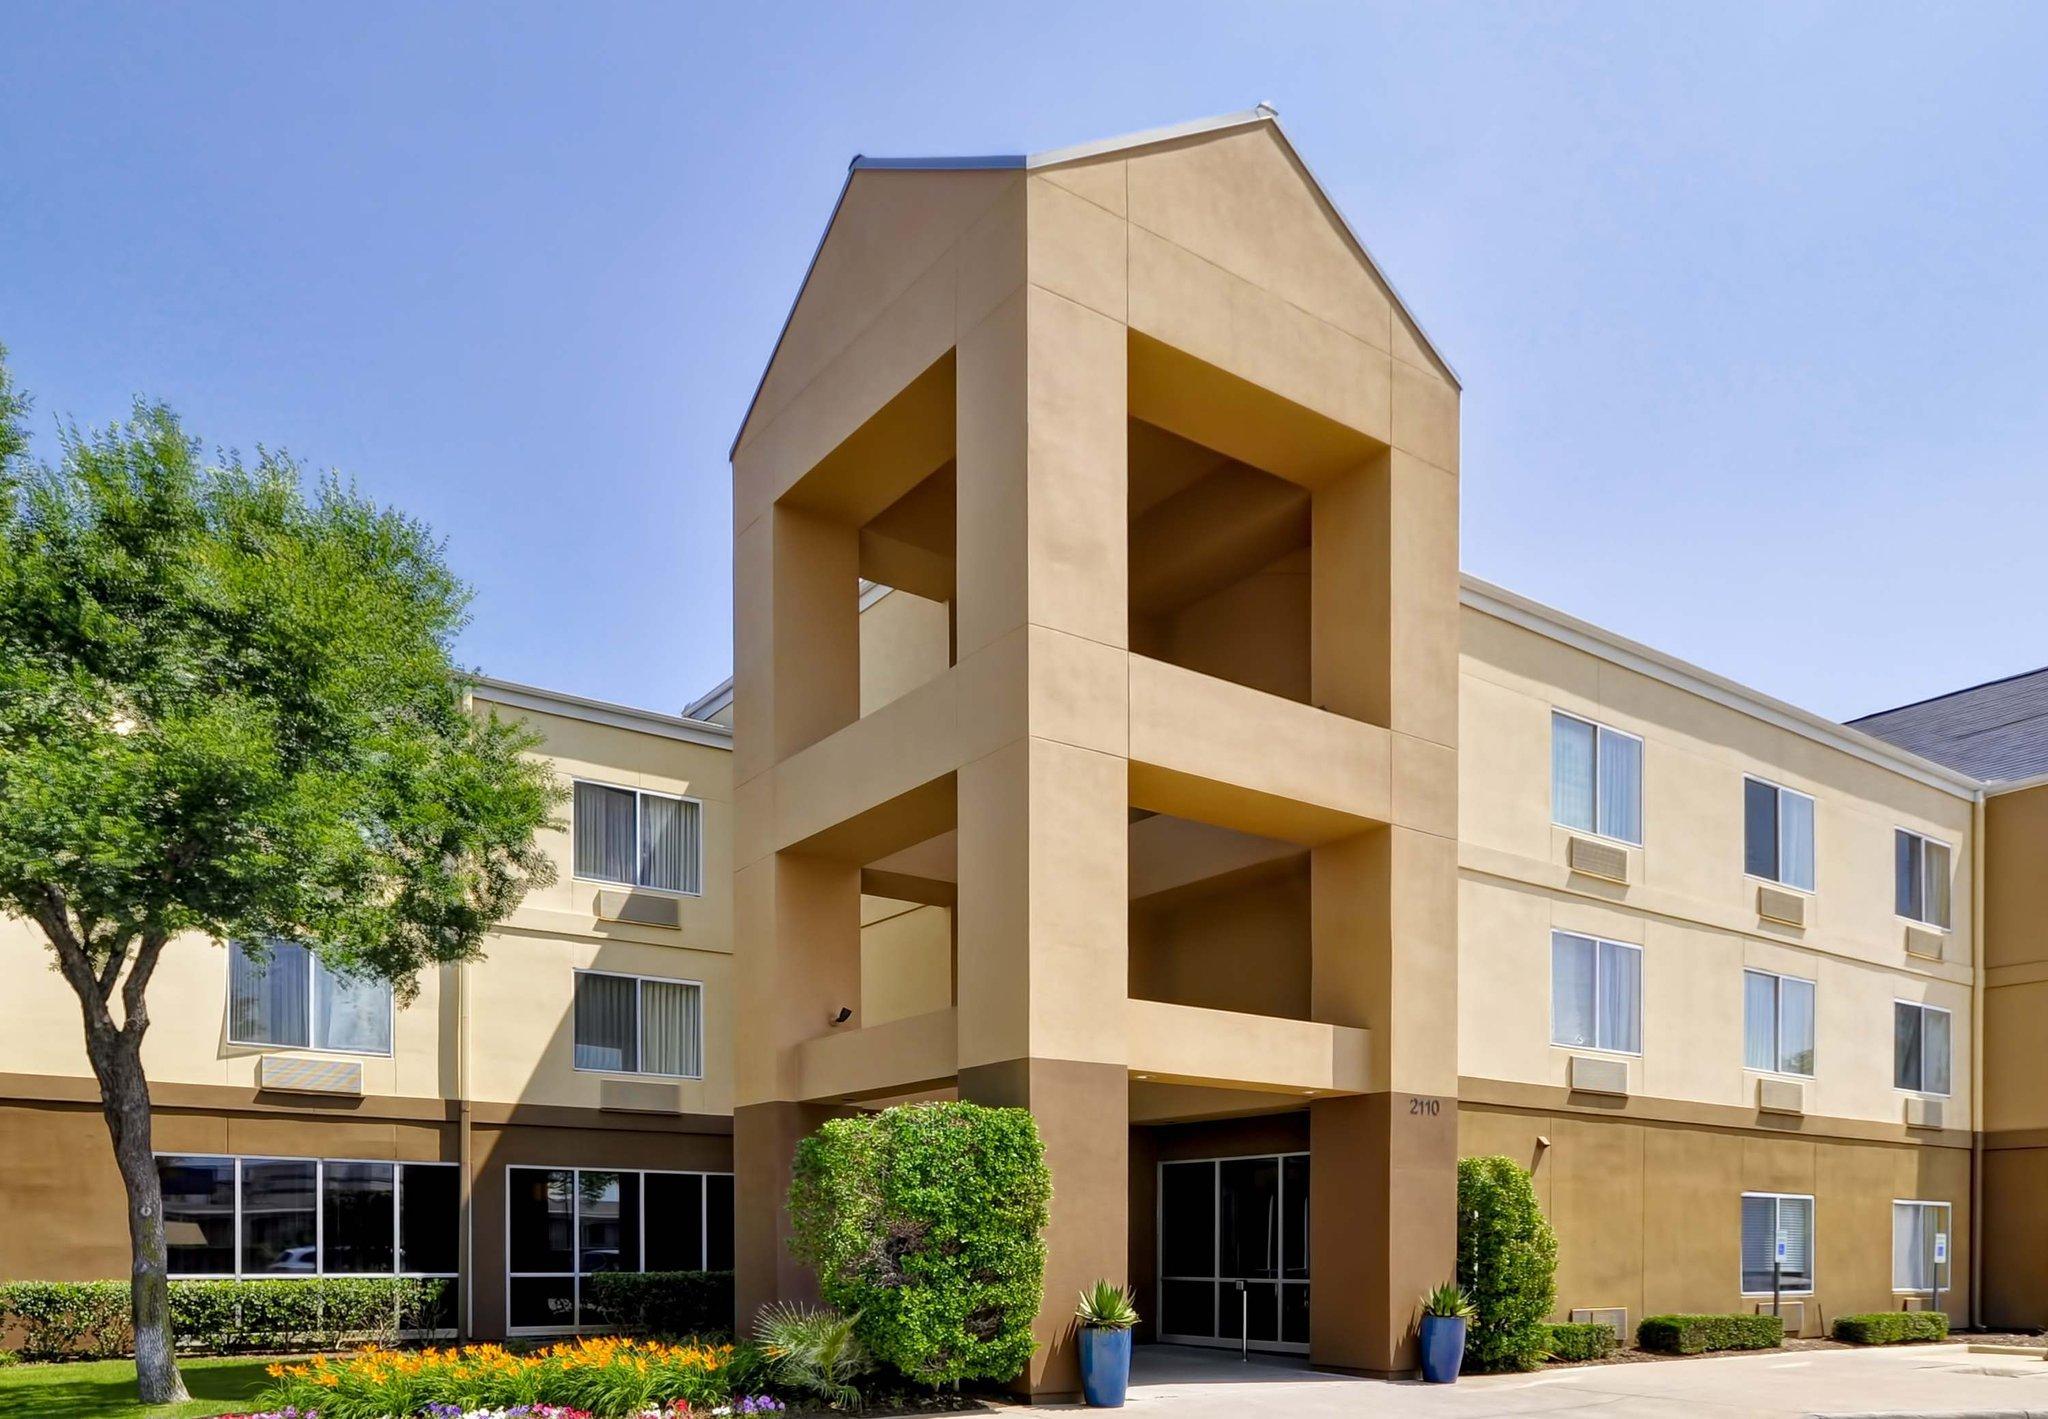 達拉斯醫療/市場中心費爾菲爾德套房飯店